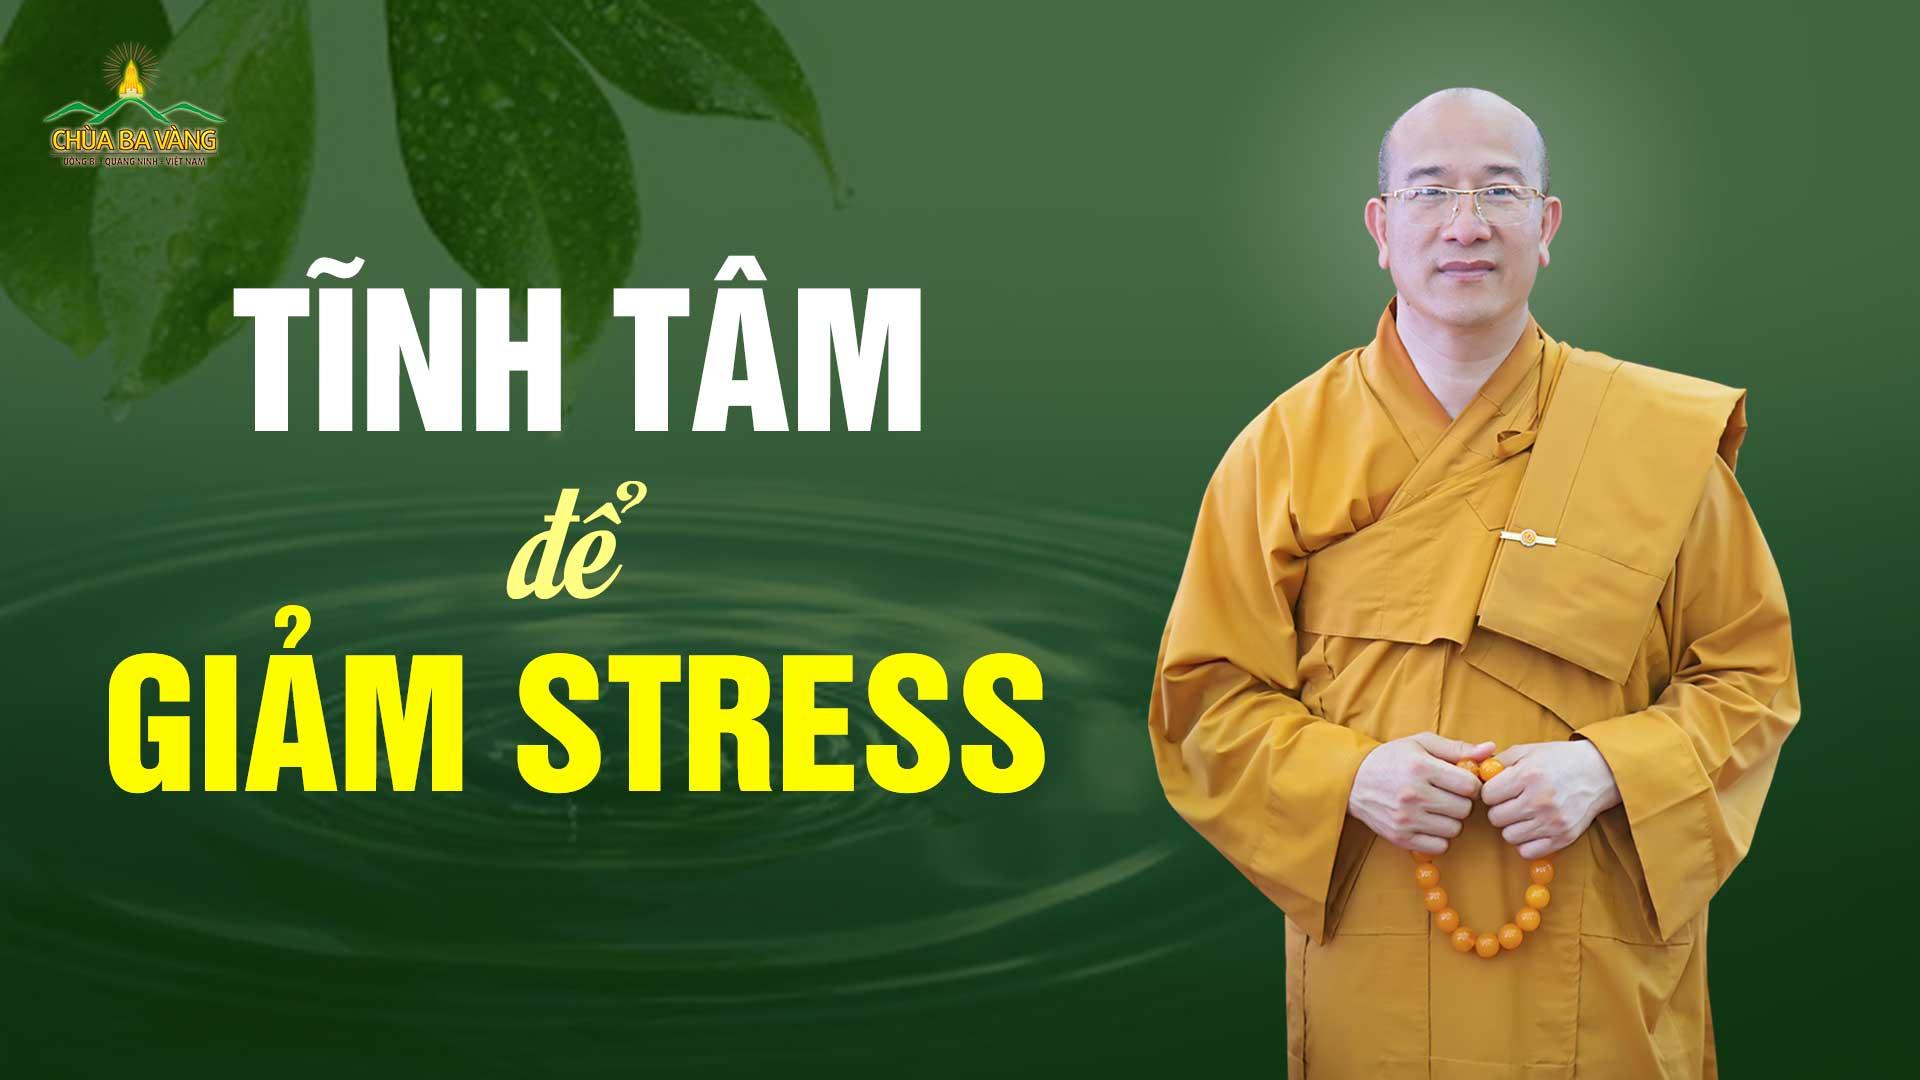 Để giảm stress, hãy học cách tĩnh tâm